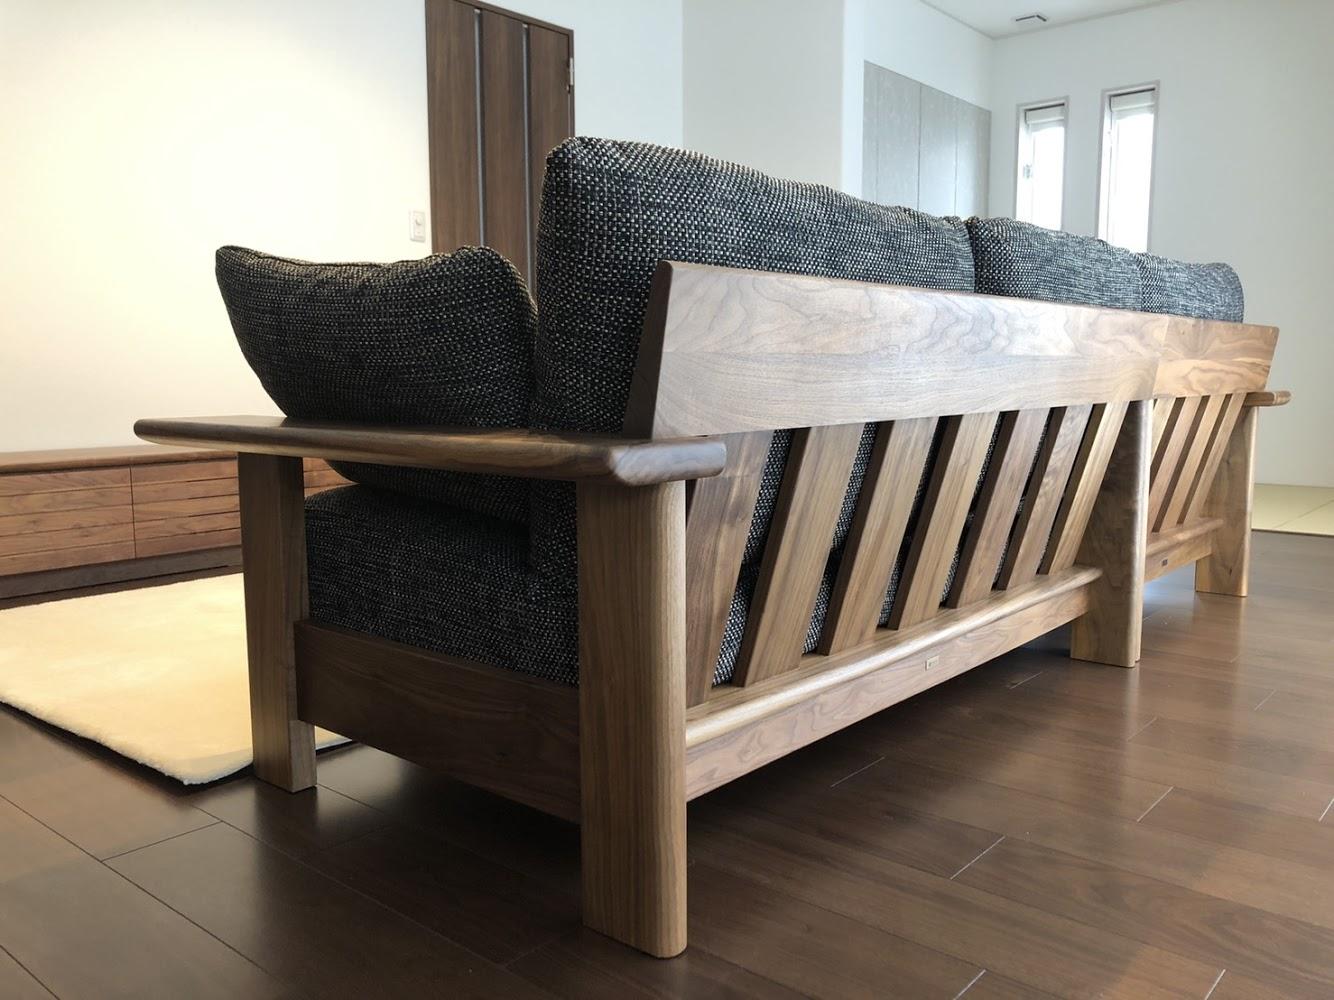 SOLID金沢、ミヤモト家具、無垢材、ソファ、カバーリング、木製ソファ、カウチ